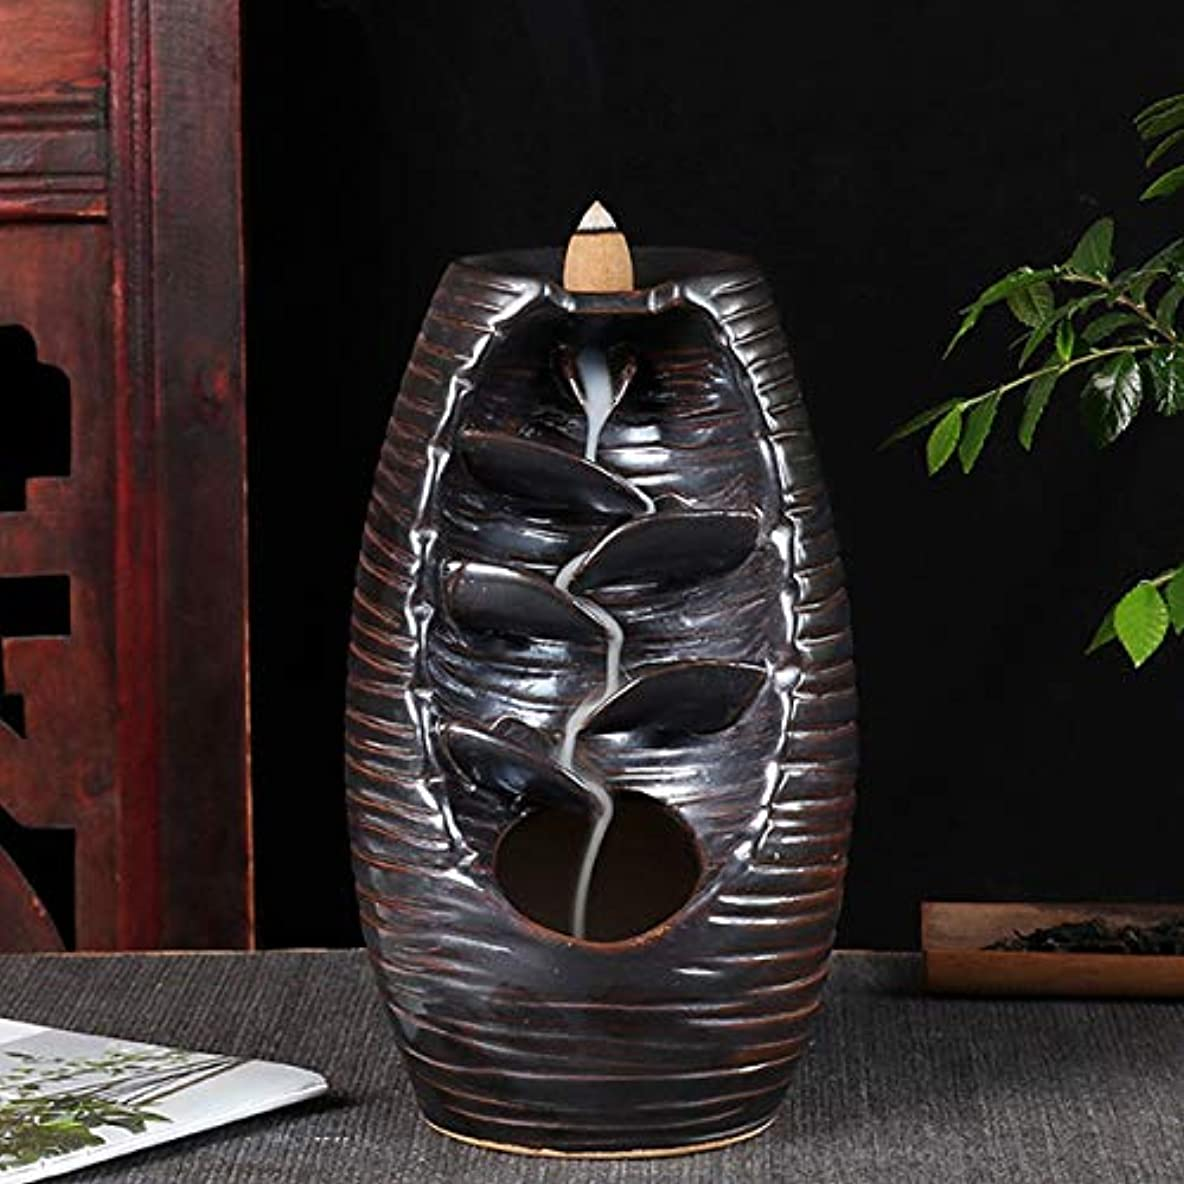 クラウンシンジケート意図的Vosarea 逆流香バーナー滝香ホルダーアロマ飾り仏教用品(黒)